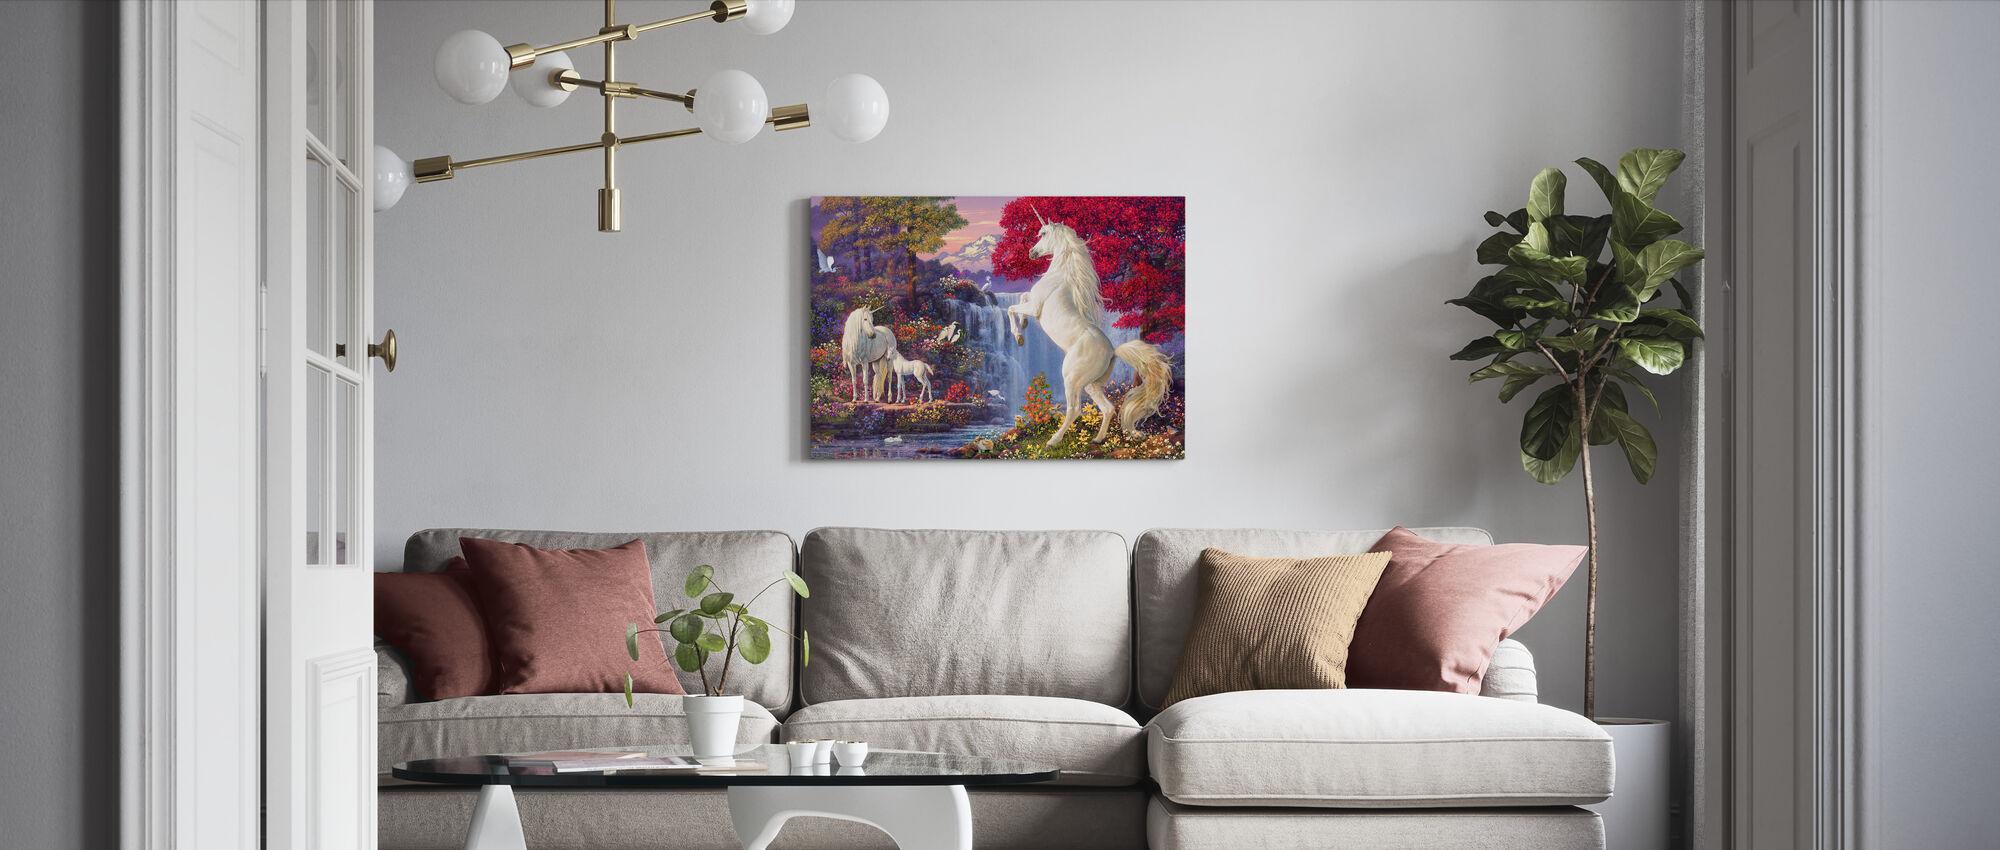 Enhörningen faller - Canvastavla - Vardagsrum